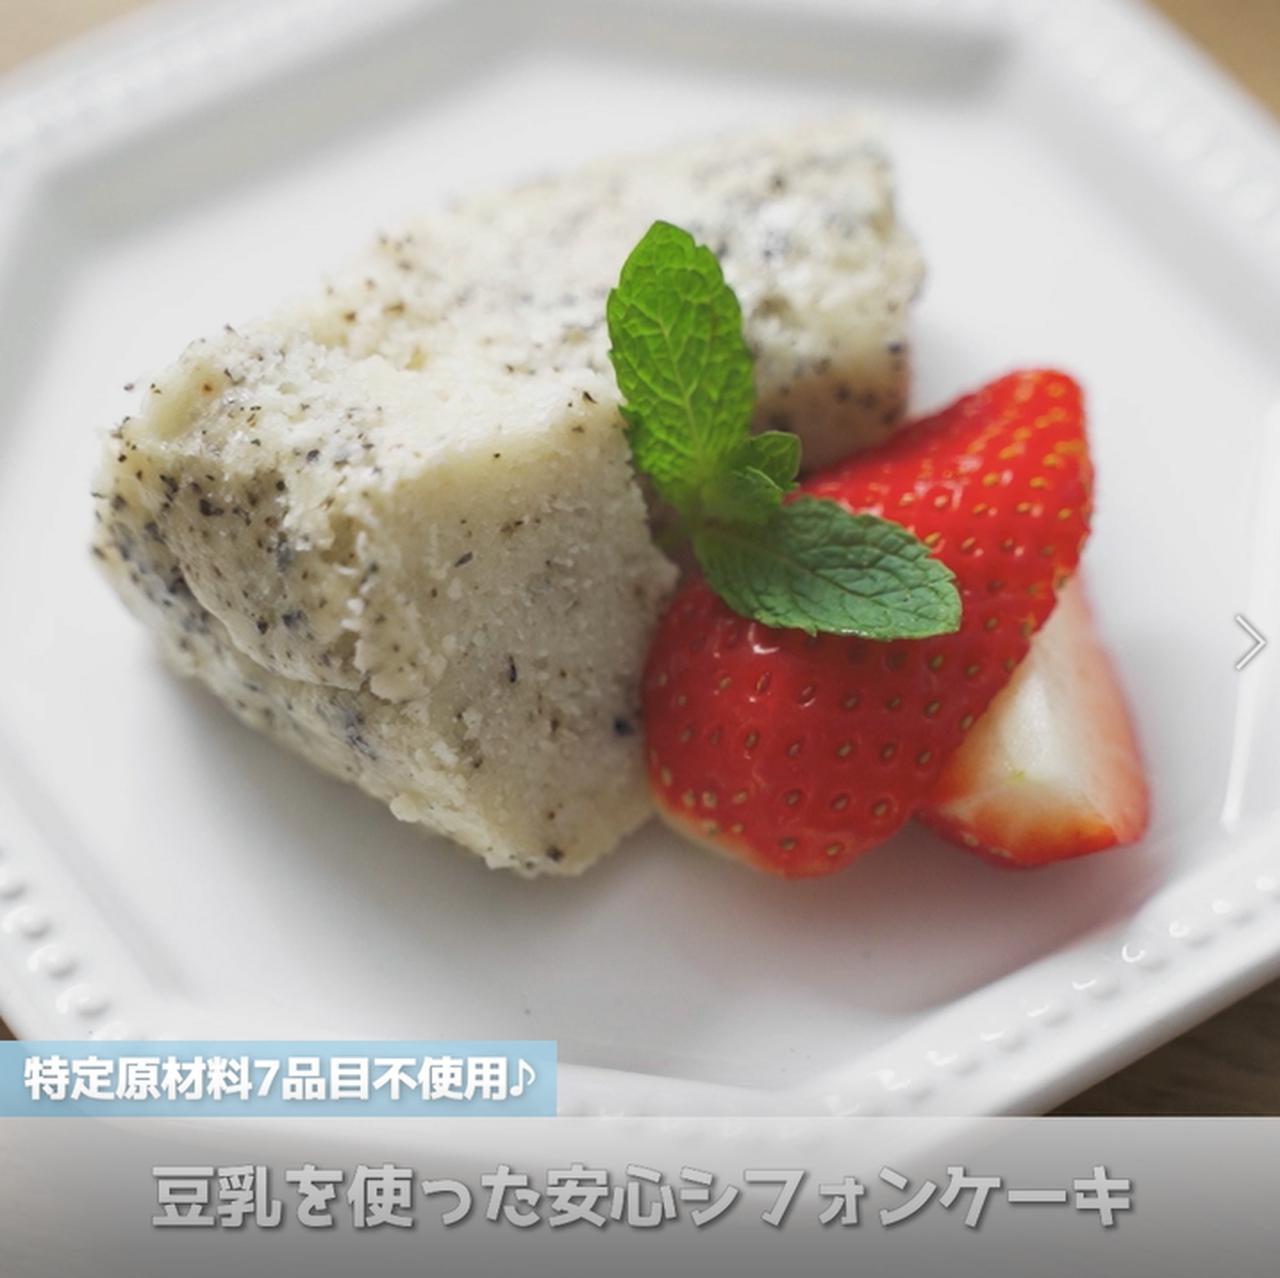 画像: 豆乳を使った安心シフォンケーキ - 君とごはん